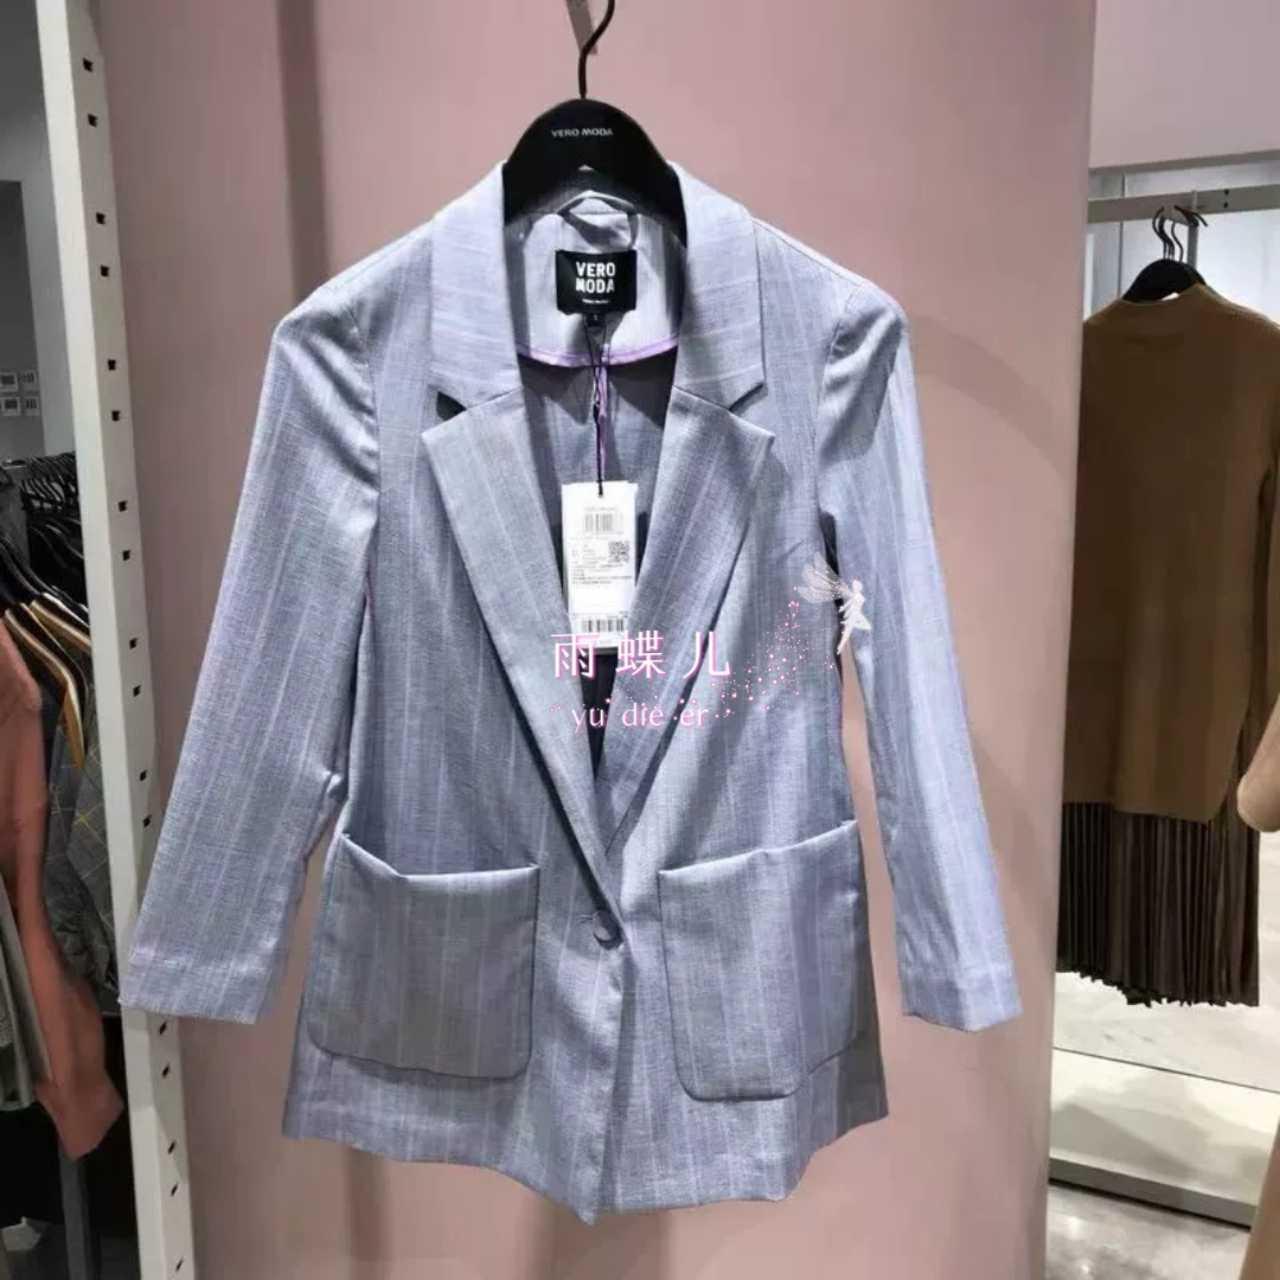 319108538 New Light Grey Spring 2020 Áo khoác ngắn nữ phù hợp với áo khoác nữ 699 - Business Suit